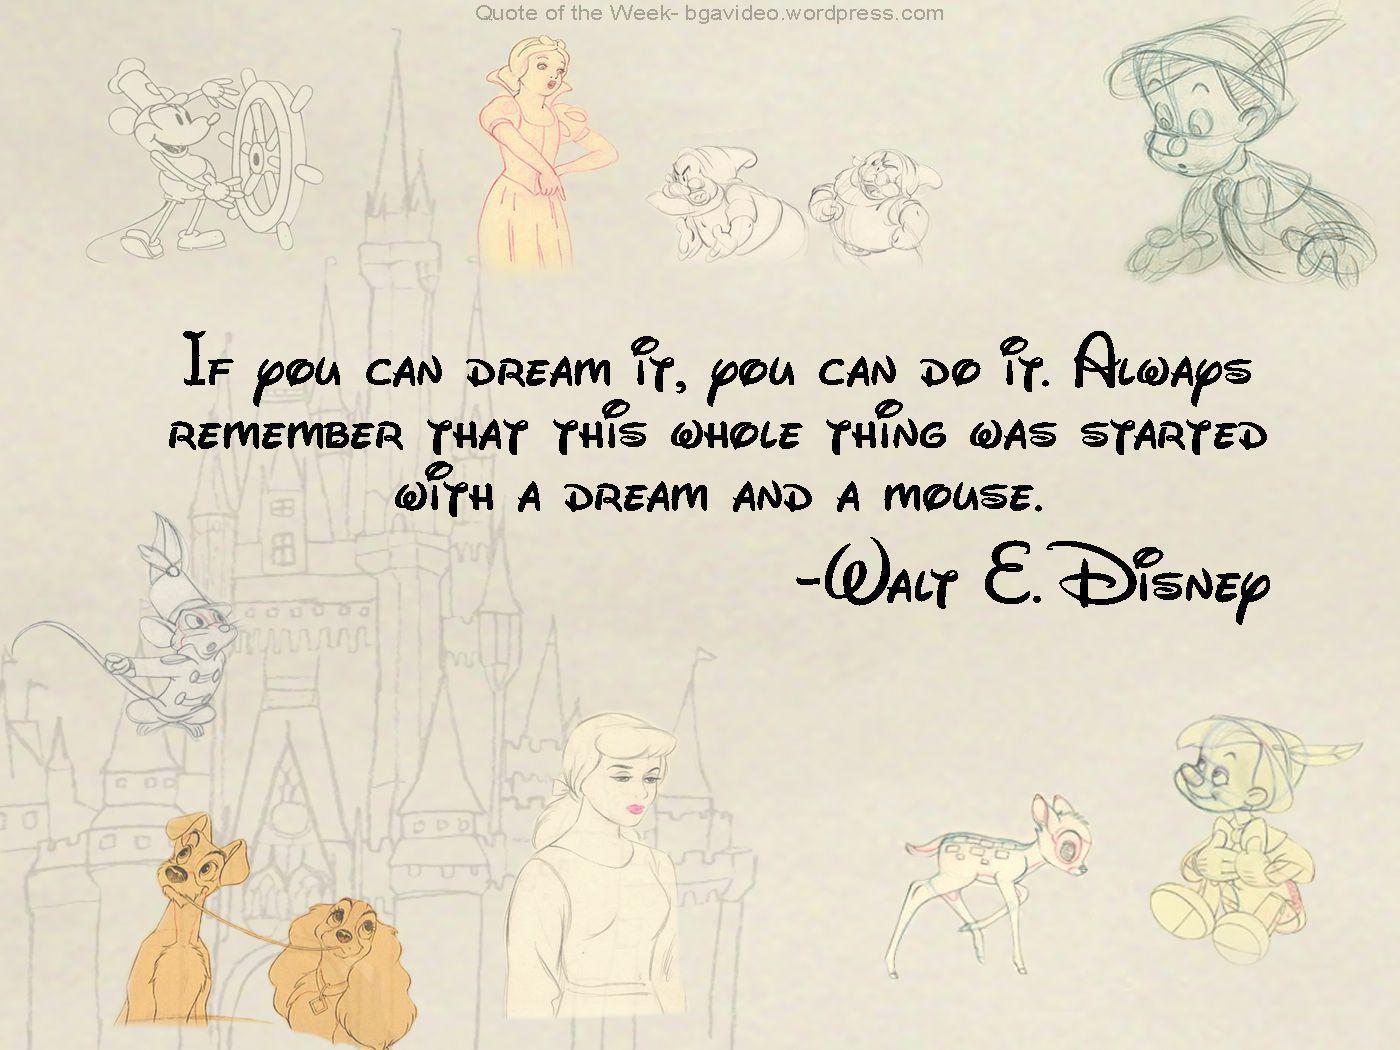 Disney Quotes Desktop Wallpapers Top Free Disney Quotes Desktop Backgrounds Wallpaperaccess